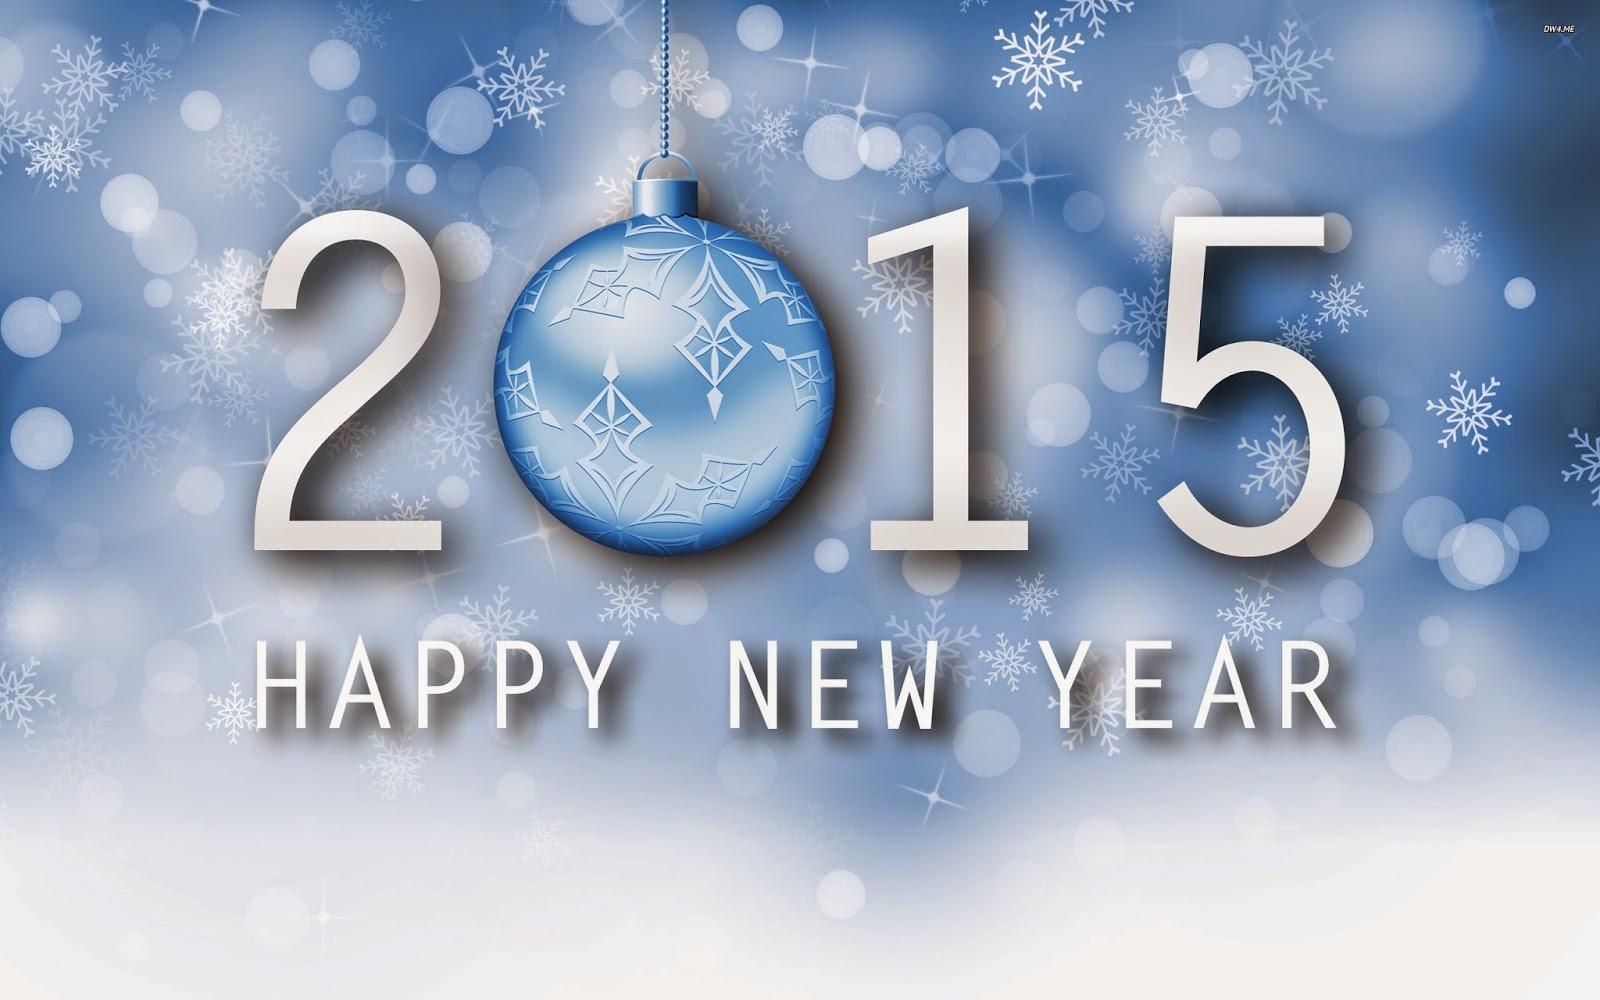 خلفيات السنة الجديدة 2015